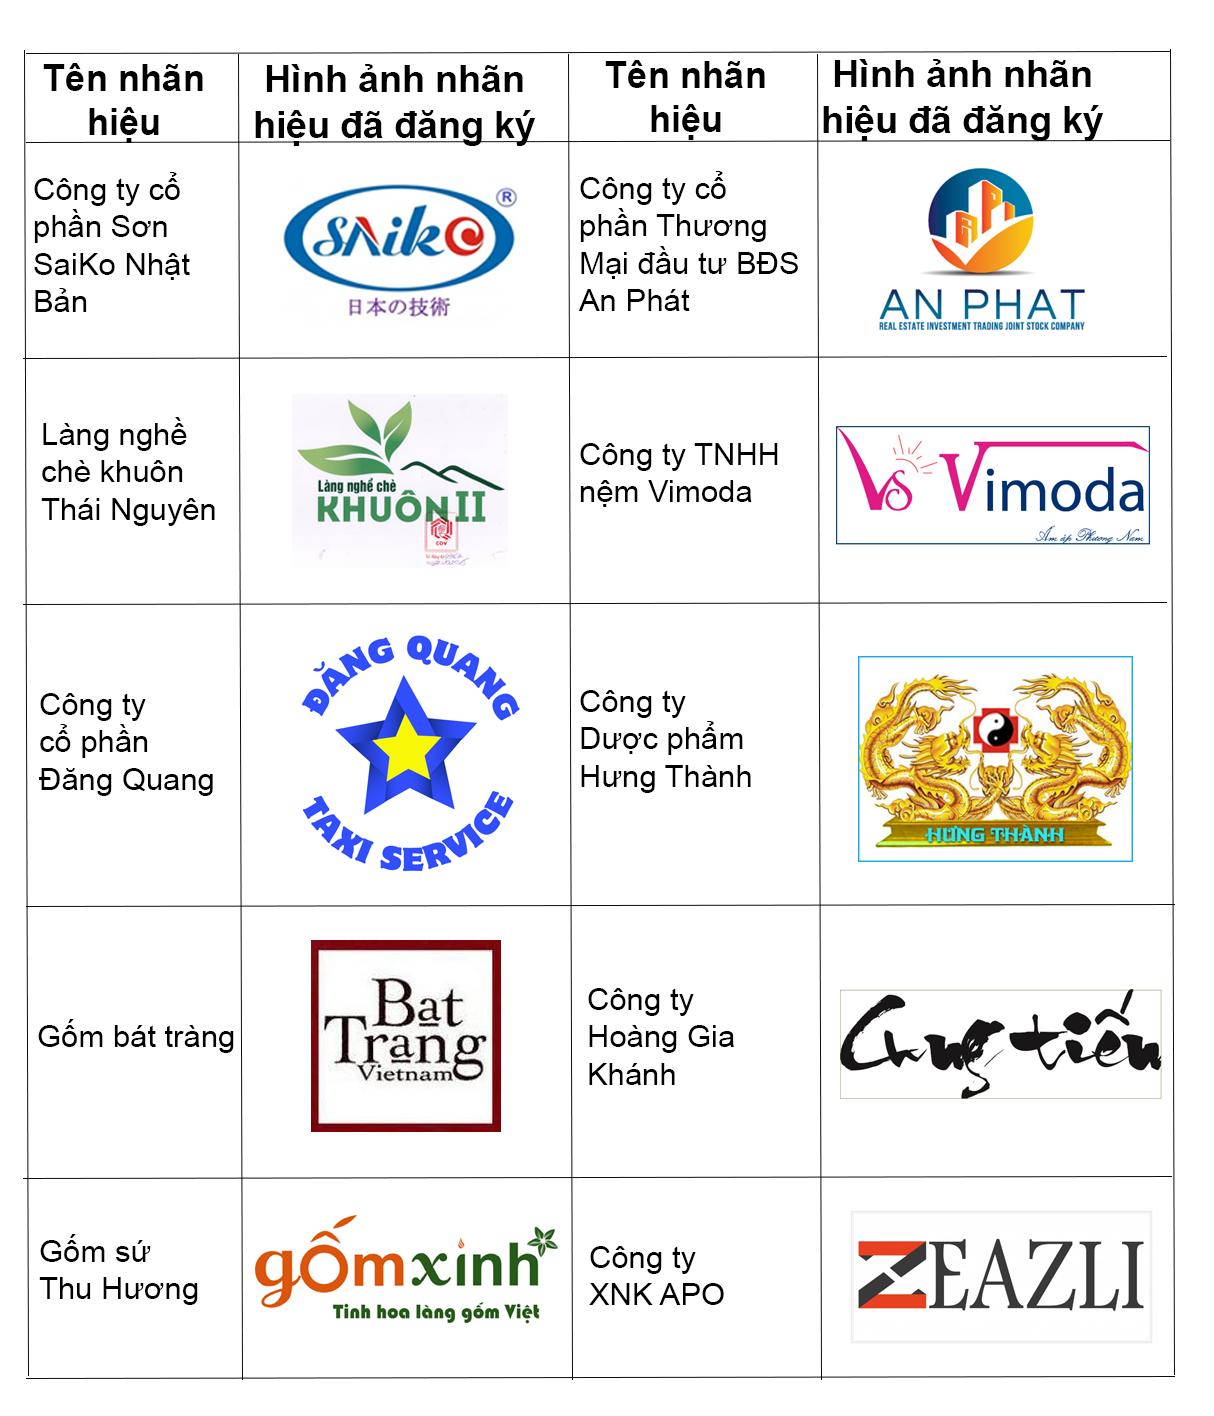 Các nhãn hiệu được đăng ký bảo hộ tại newvisionlaw